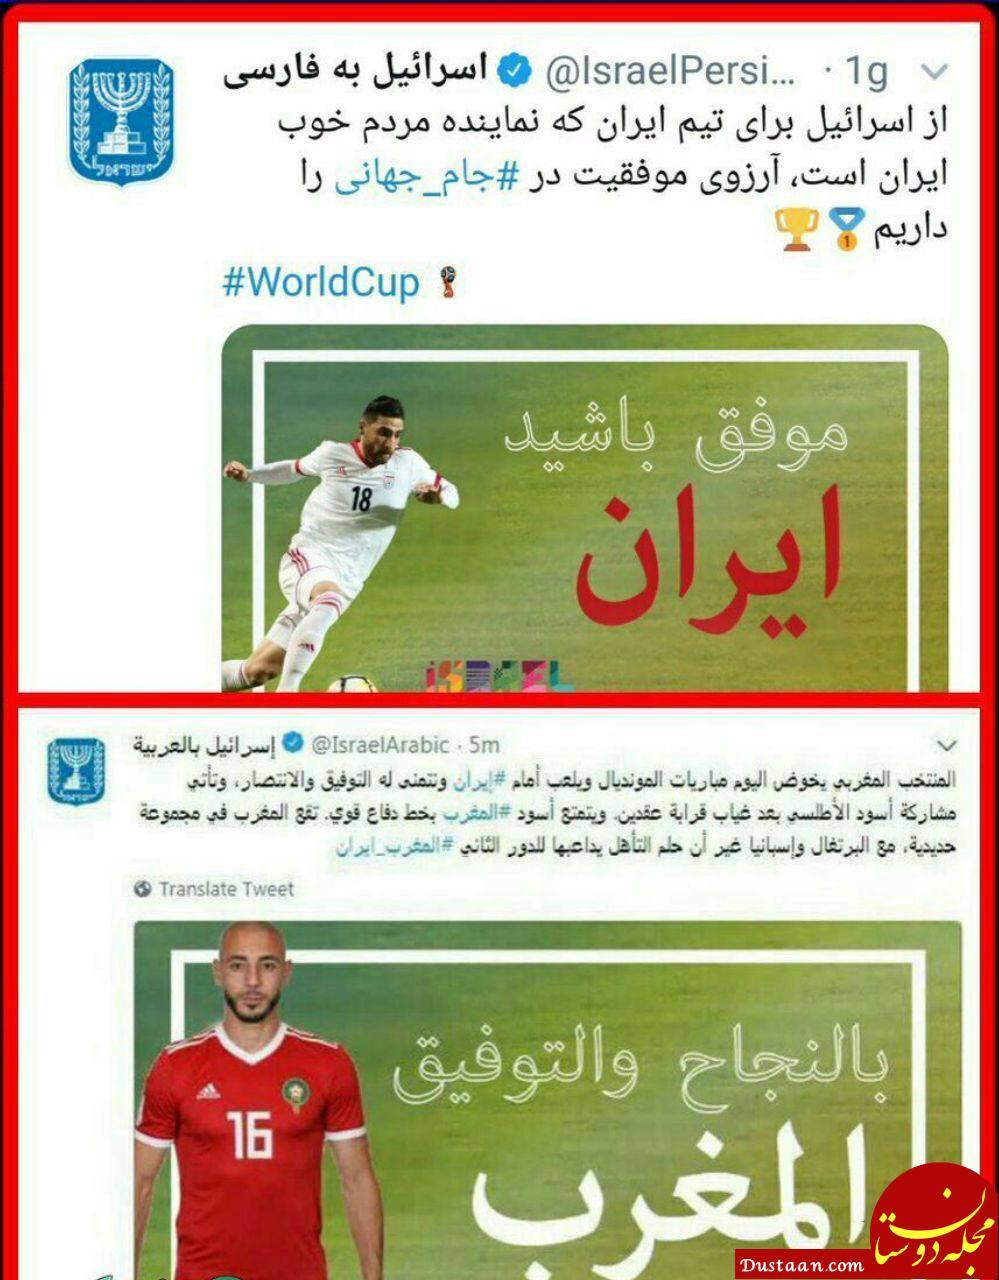 www.dustaan.com دورویی اسرائیل؛ آرزوی موفقیت برای مراکش به زبان عربی و برای ایران به زبان فارسی